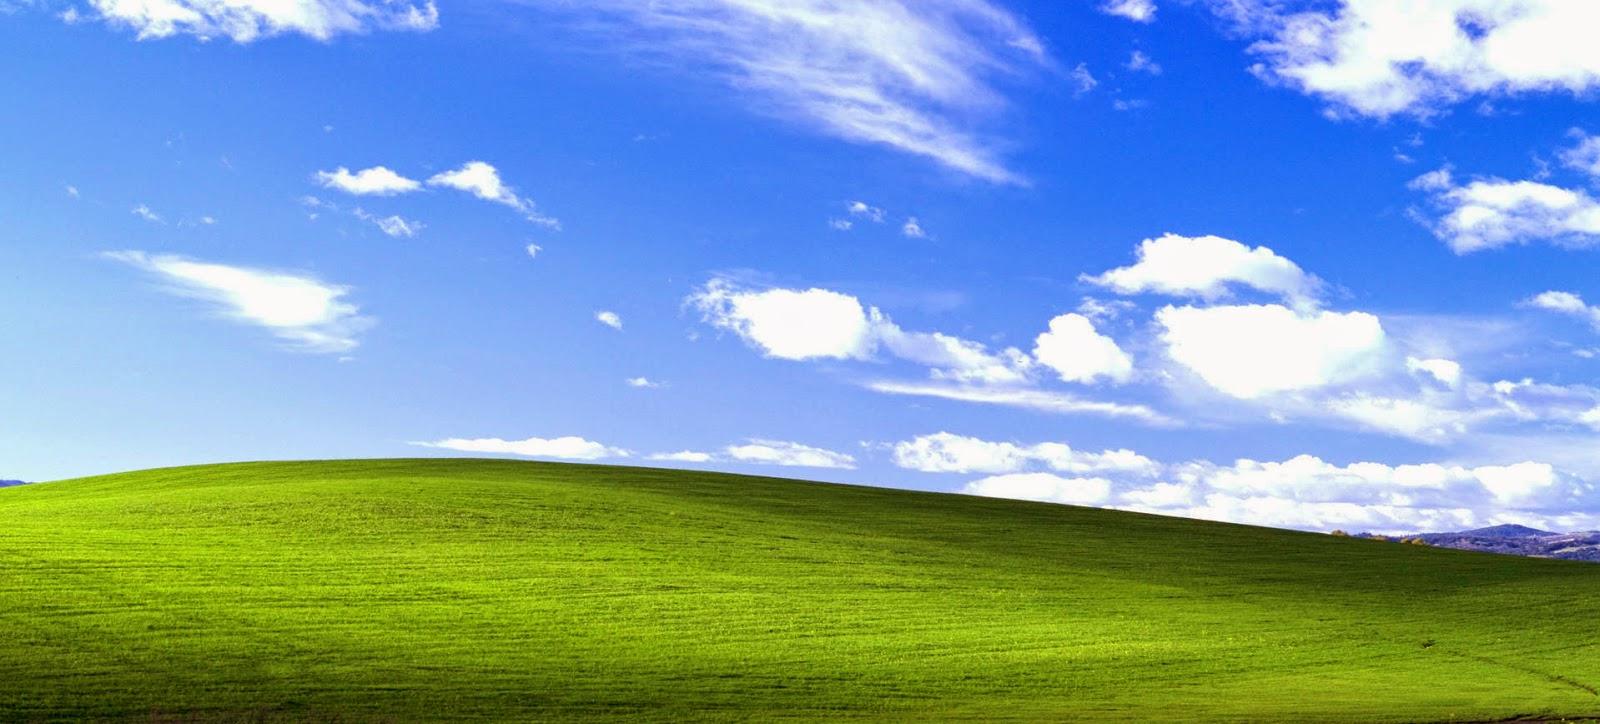 bliss theme on XP